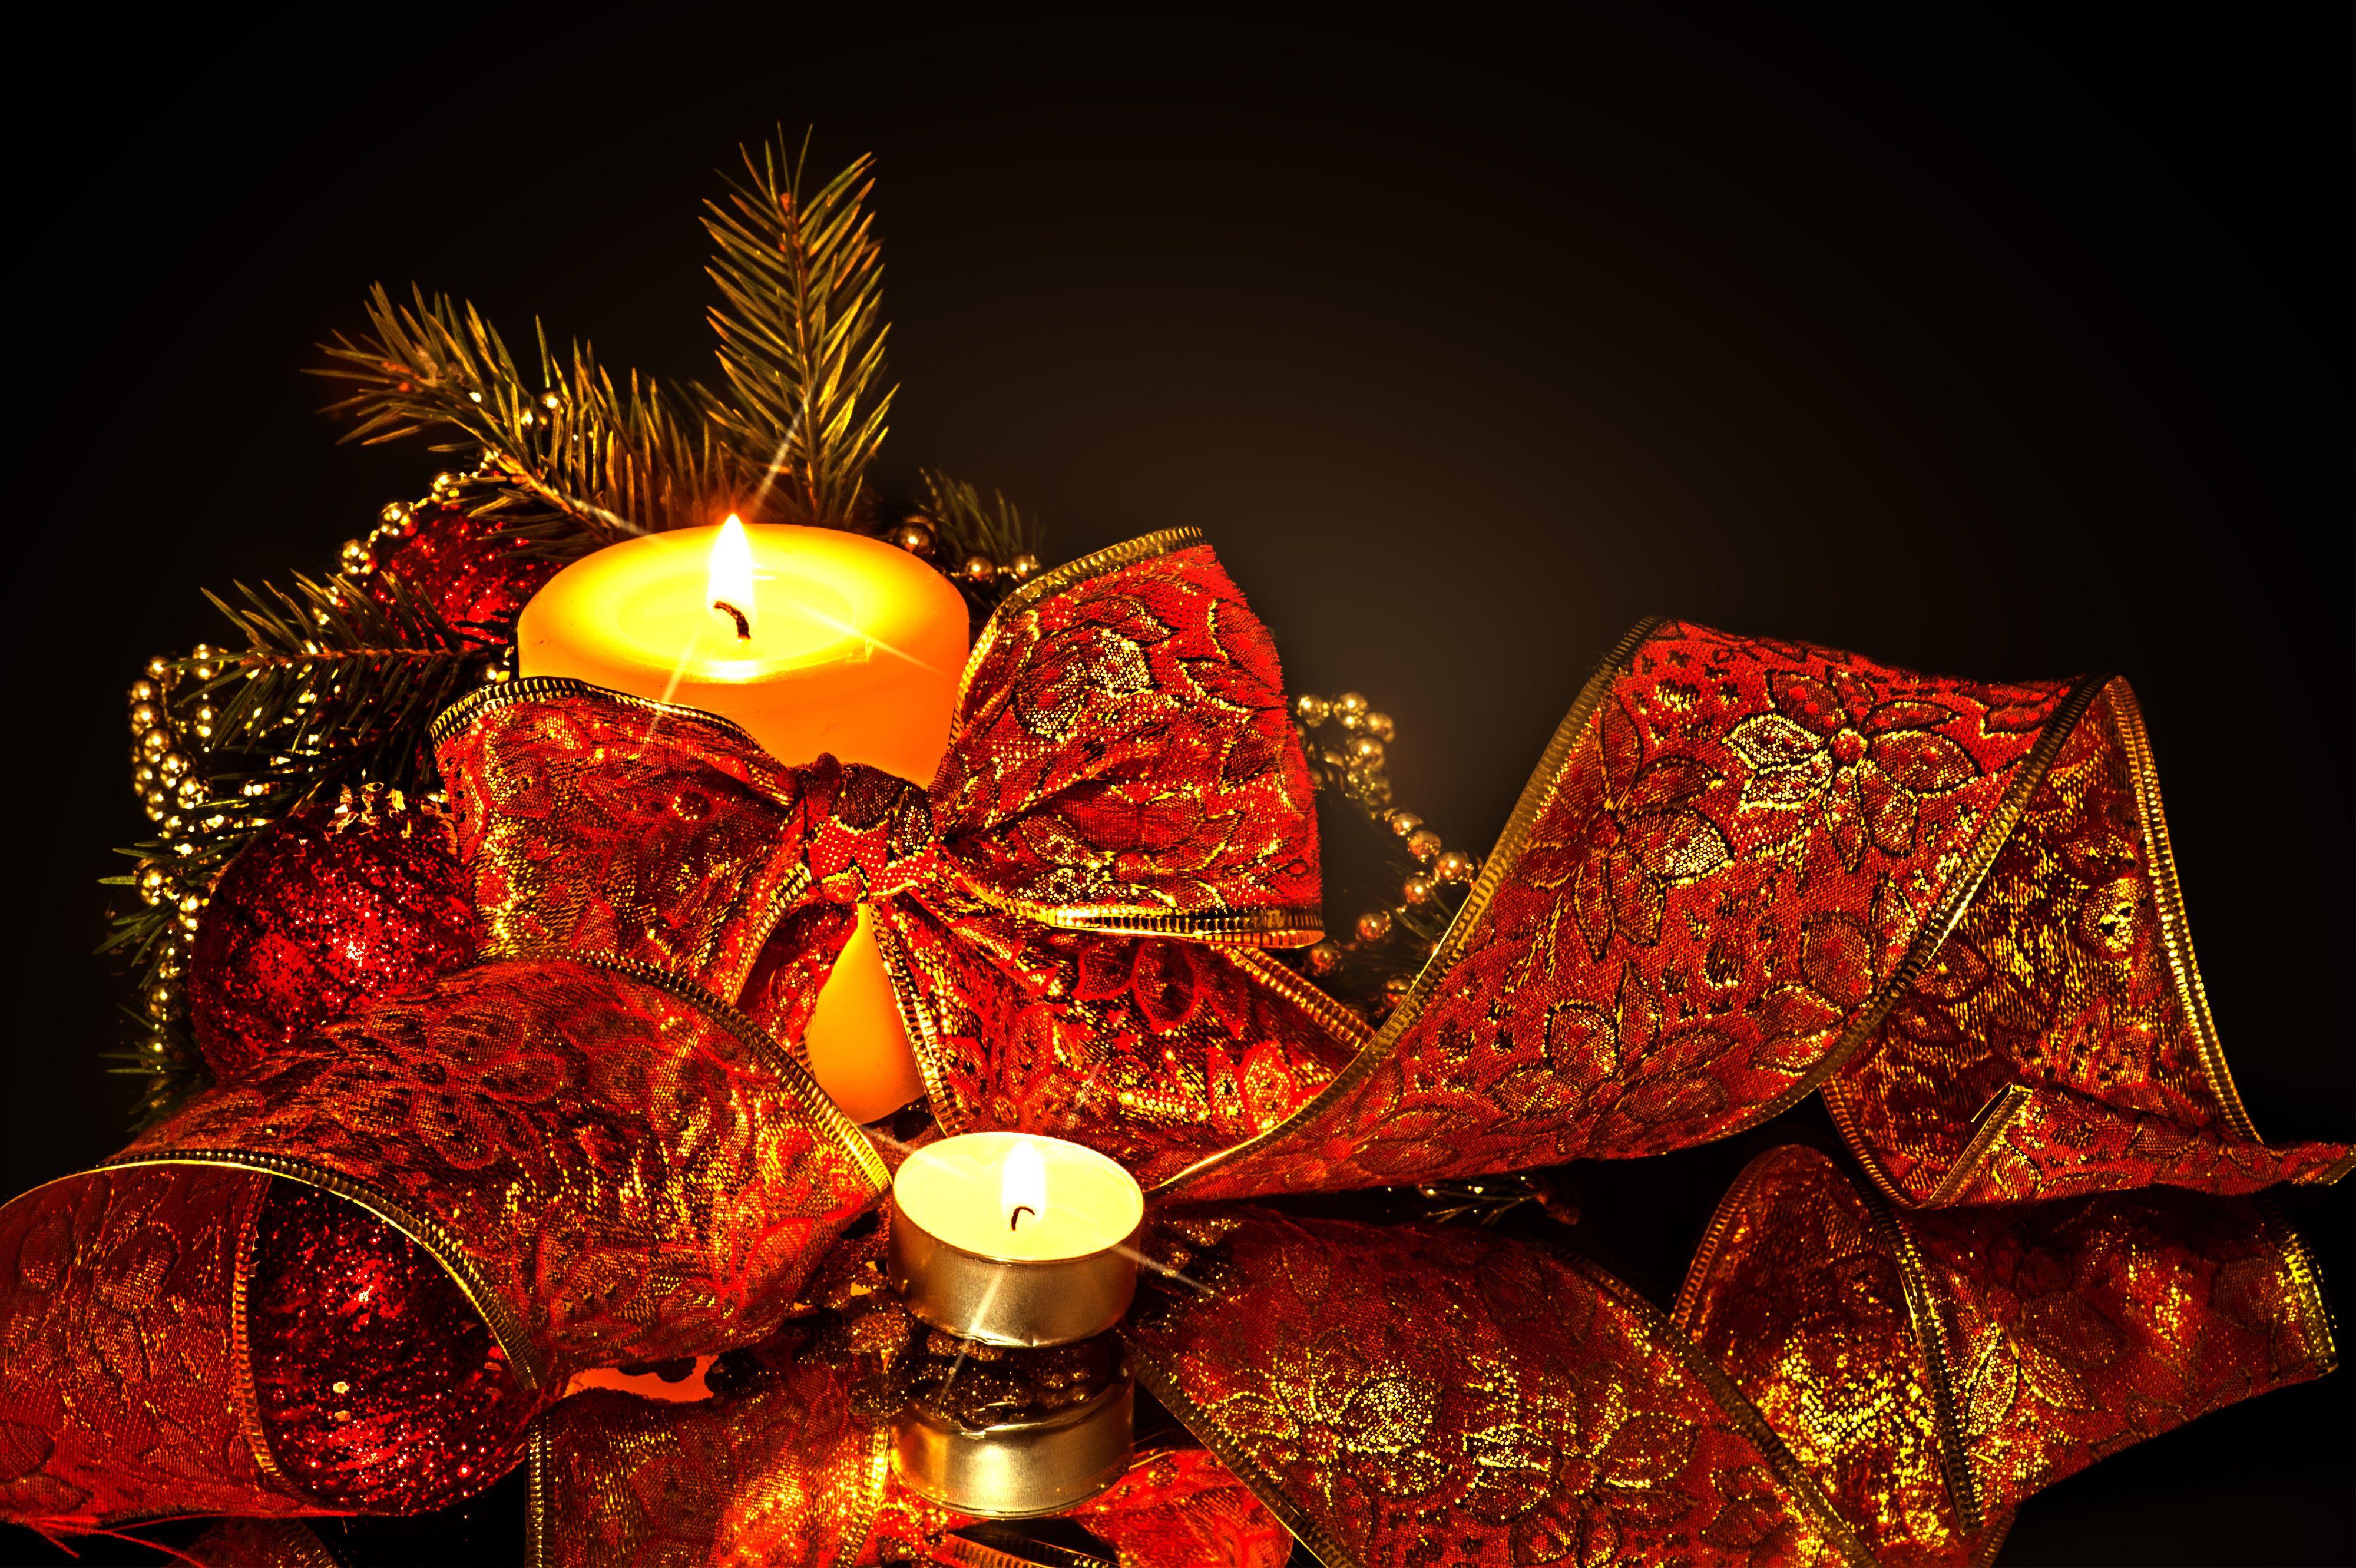 рождество новый год свечи  № 3334066 бесплатно